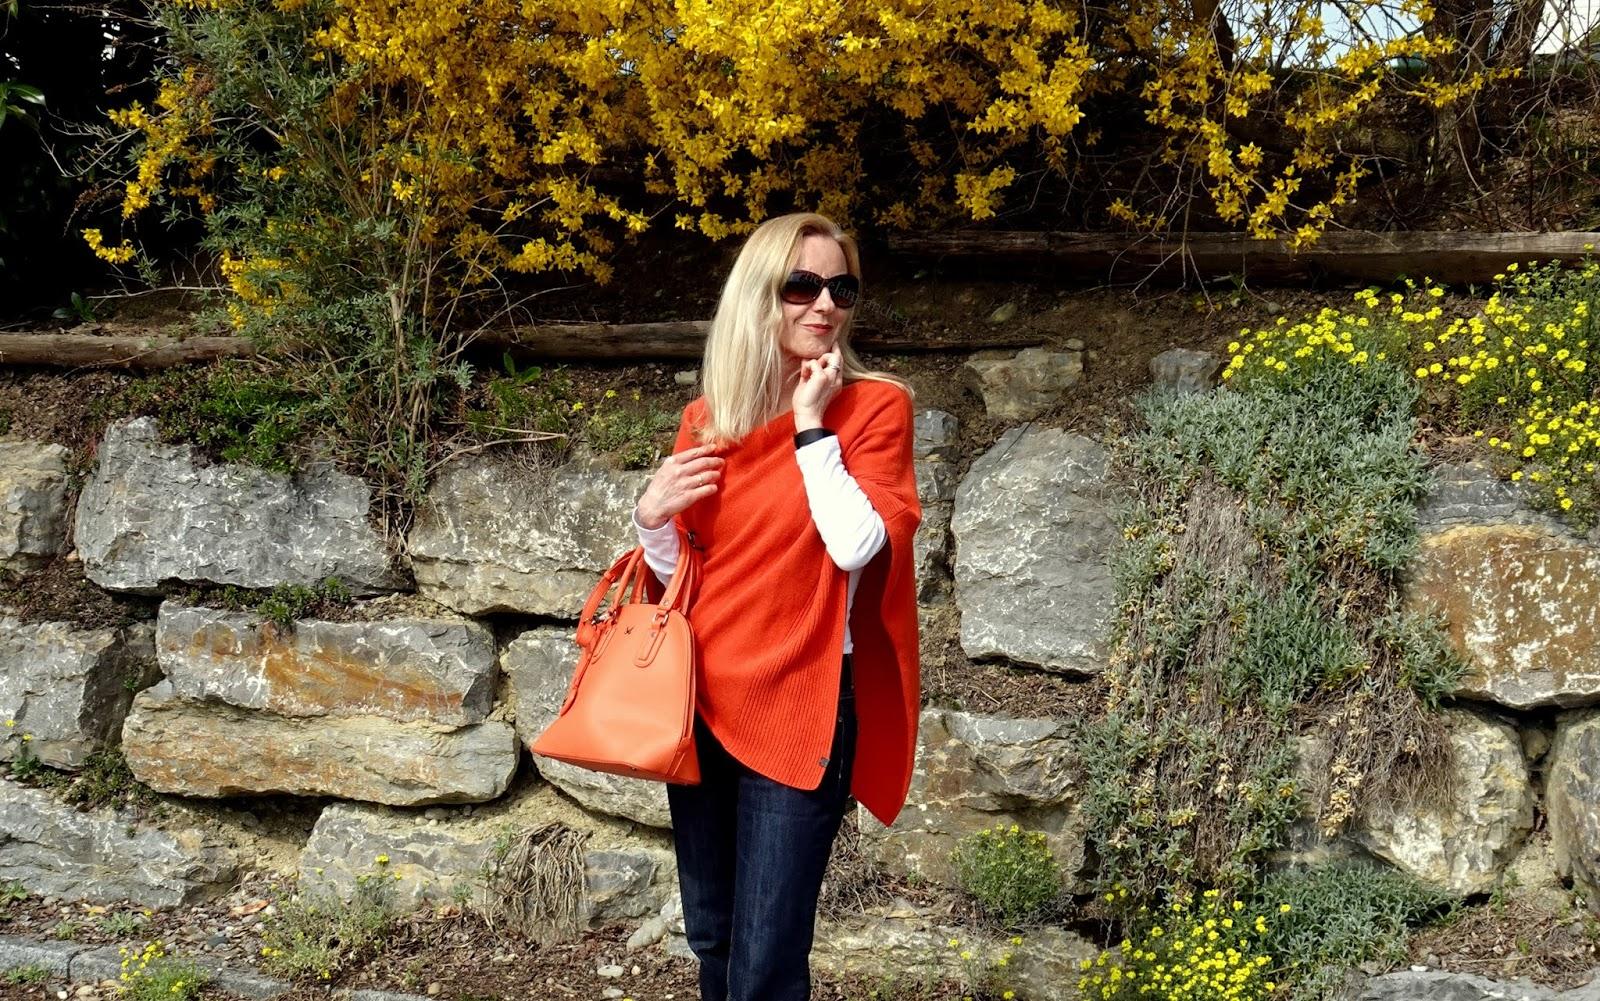 Orange: Handtasche, Schuhe und Poncho in warmen Orange